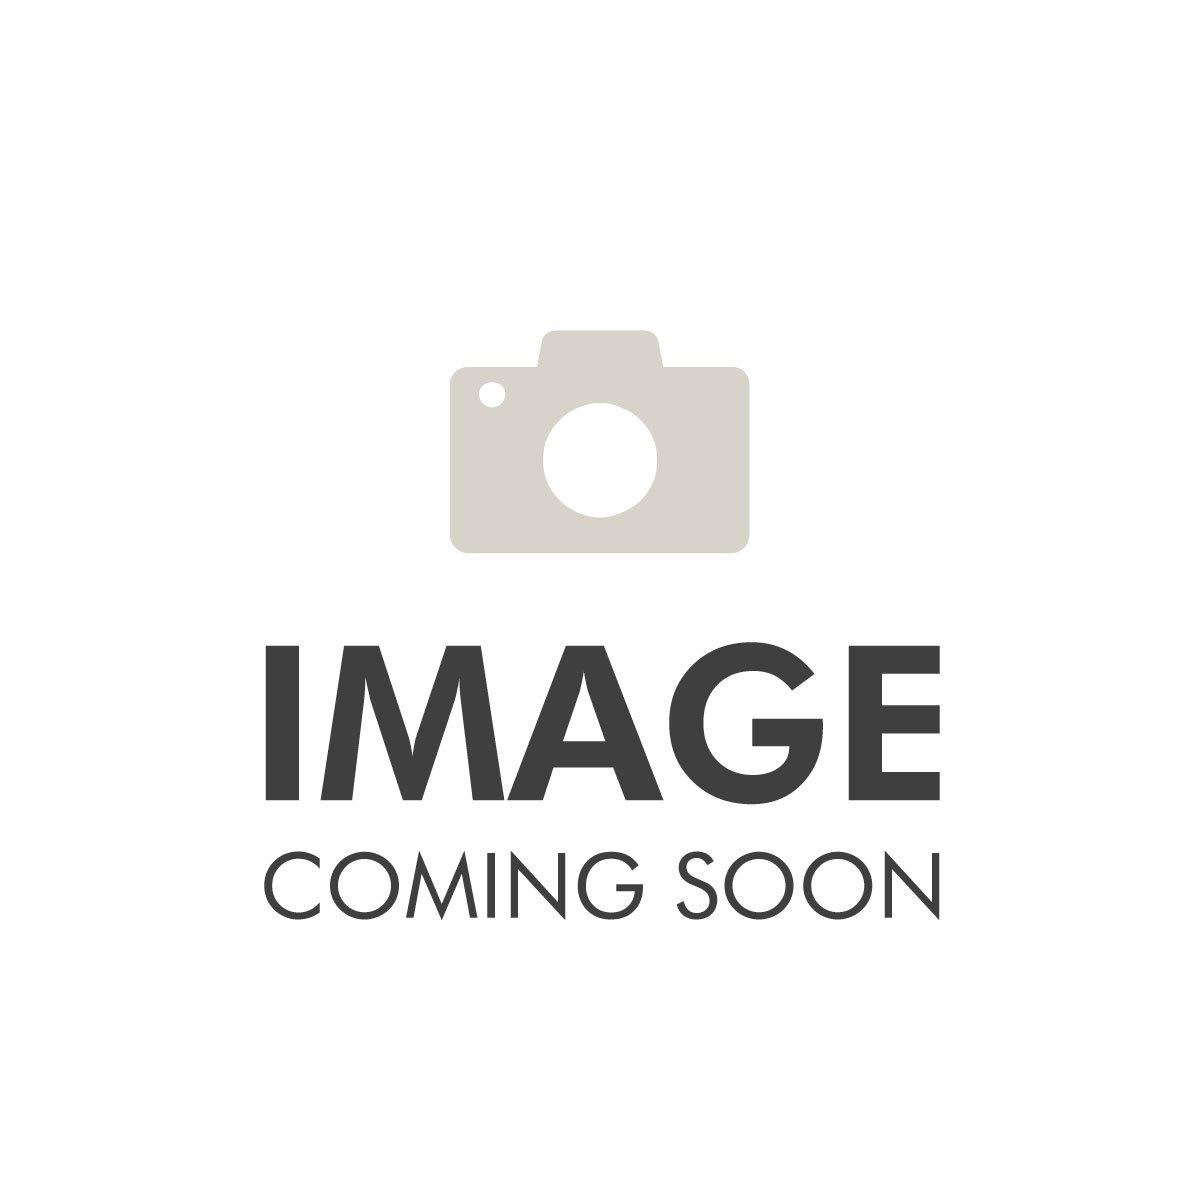 L'Oreal Star Collection Lipstick - B406 Barely Moka